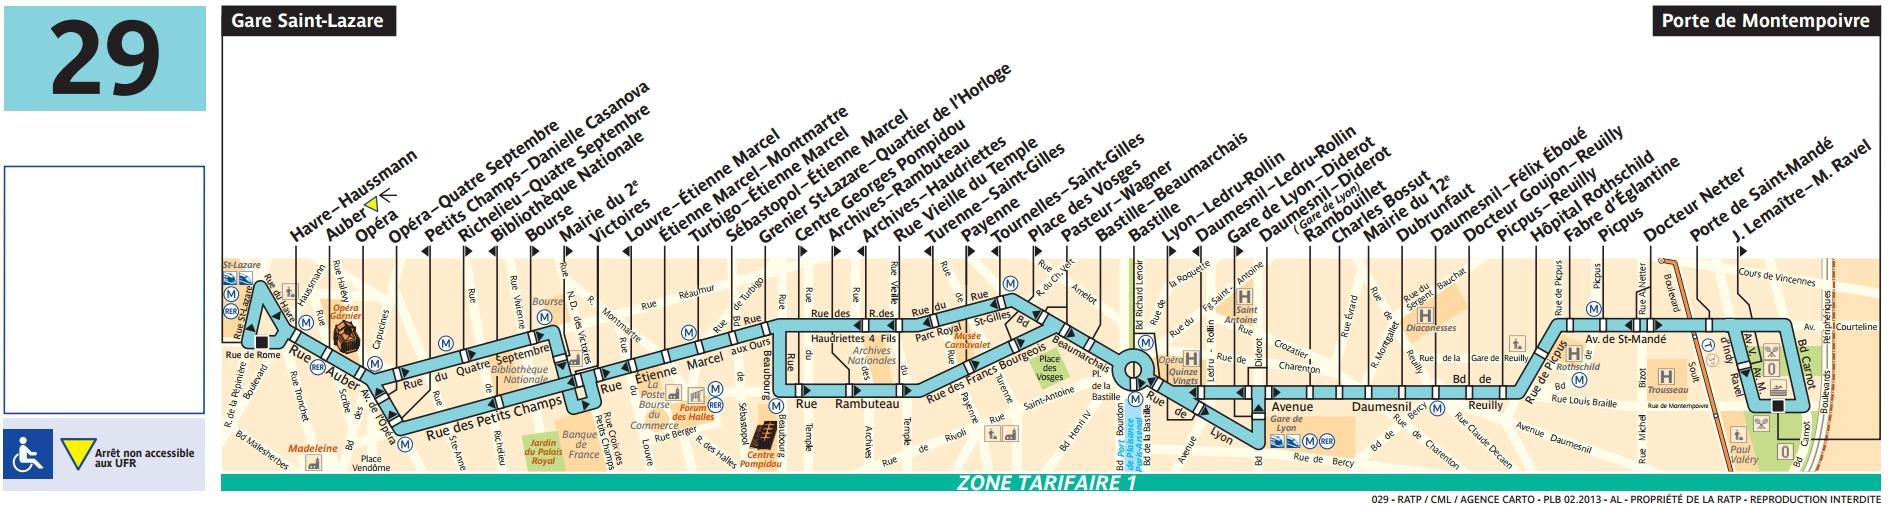 Bus 29 horaires et plan ligne 29 paris for Horaires bus ligne 29 arles salon